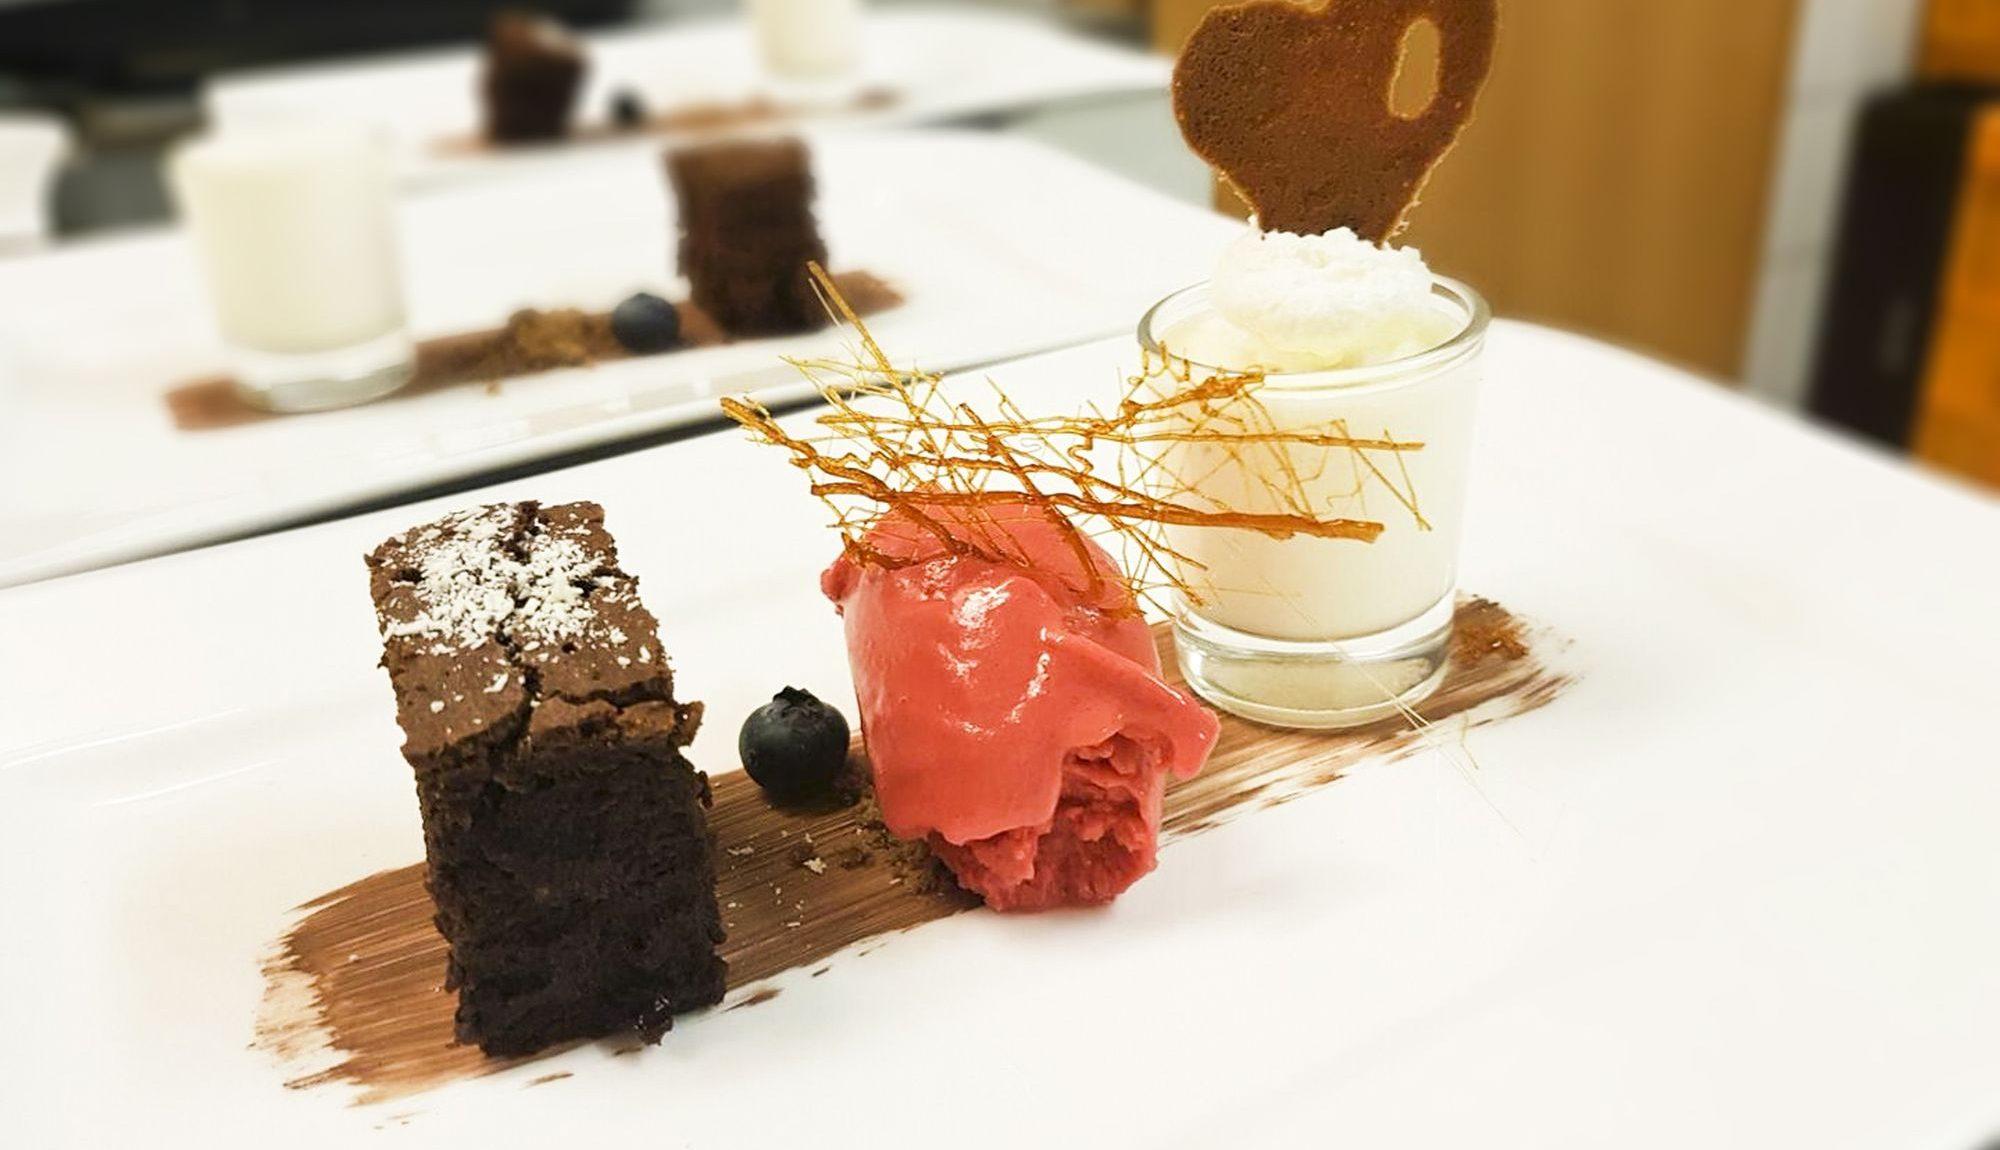 berghotel-muehle-dessert